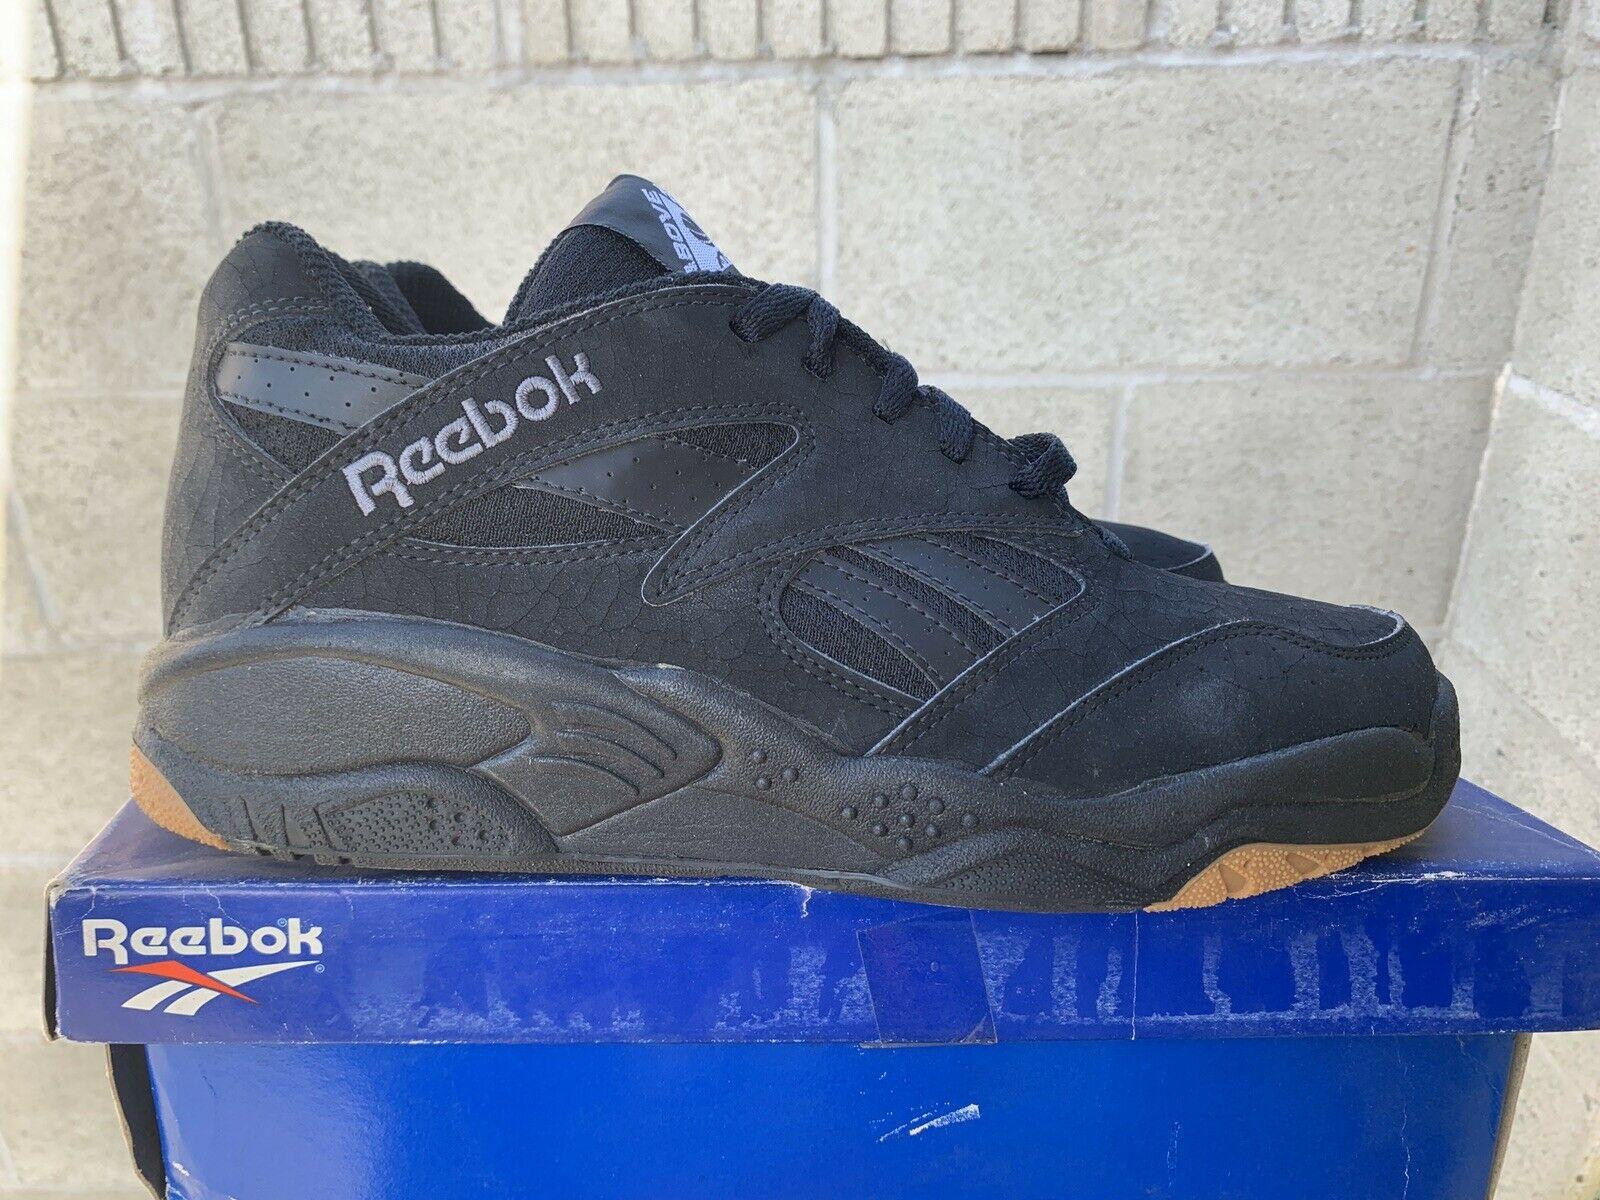 Reebok D-Factor Low | Sneaker History